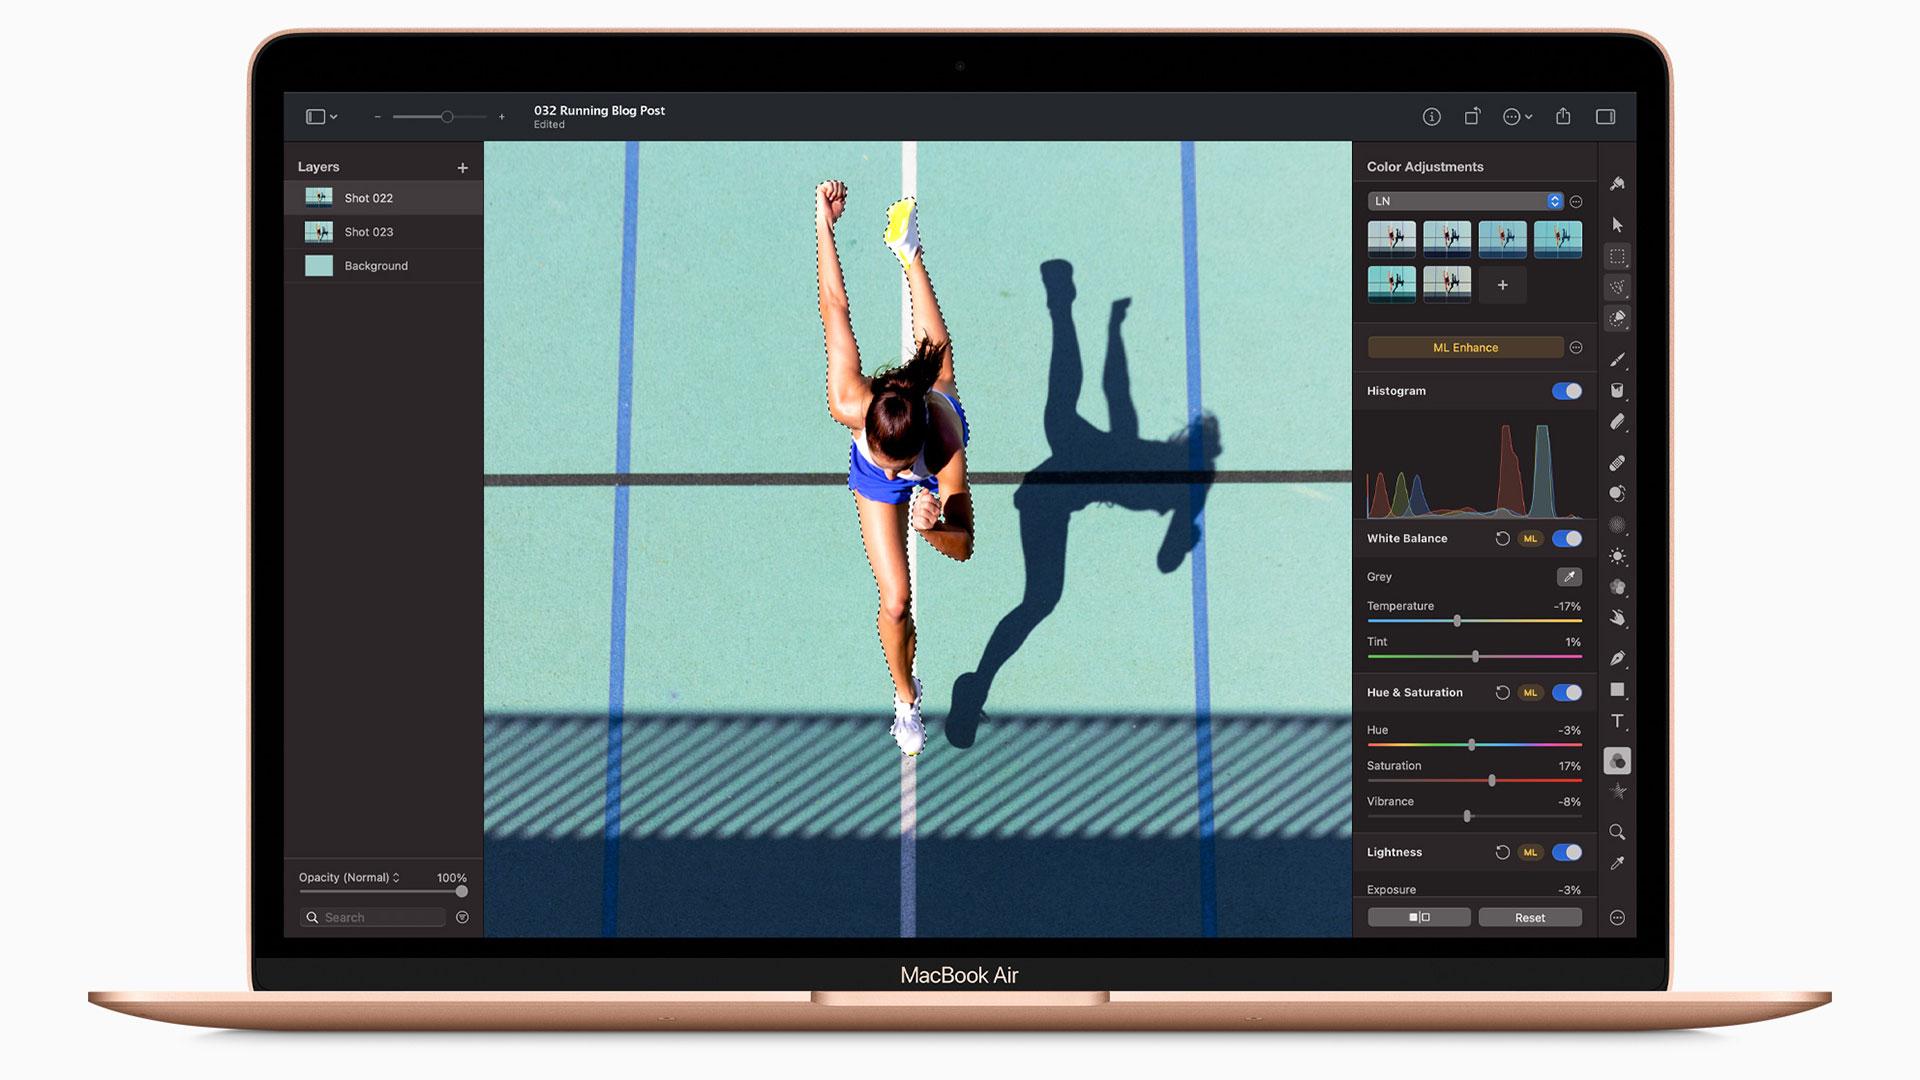 apple macbook air arm silicon